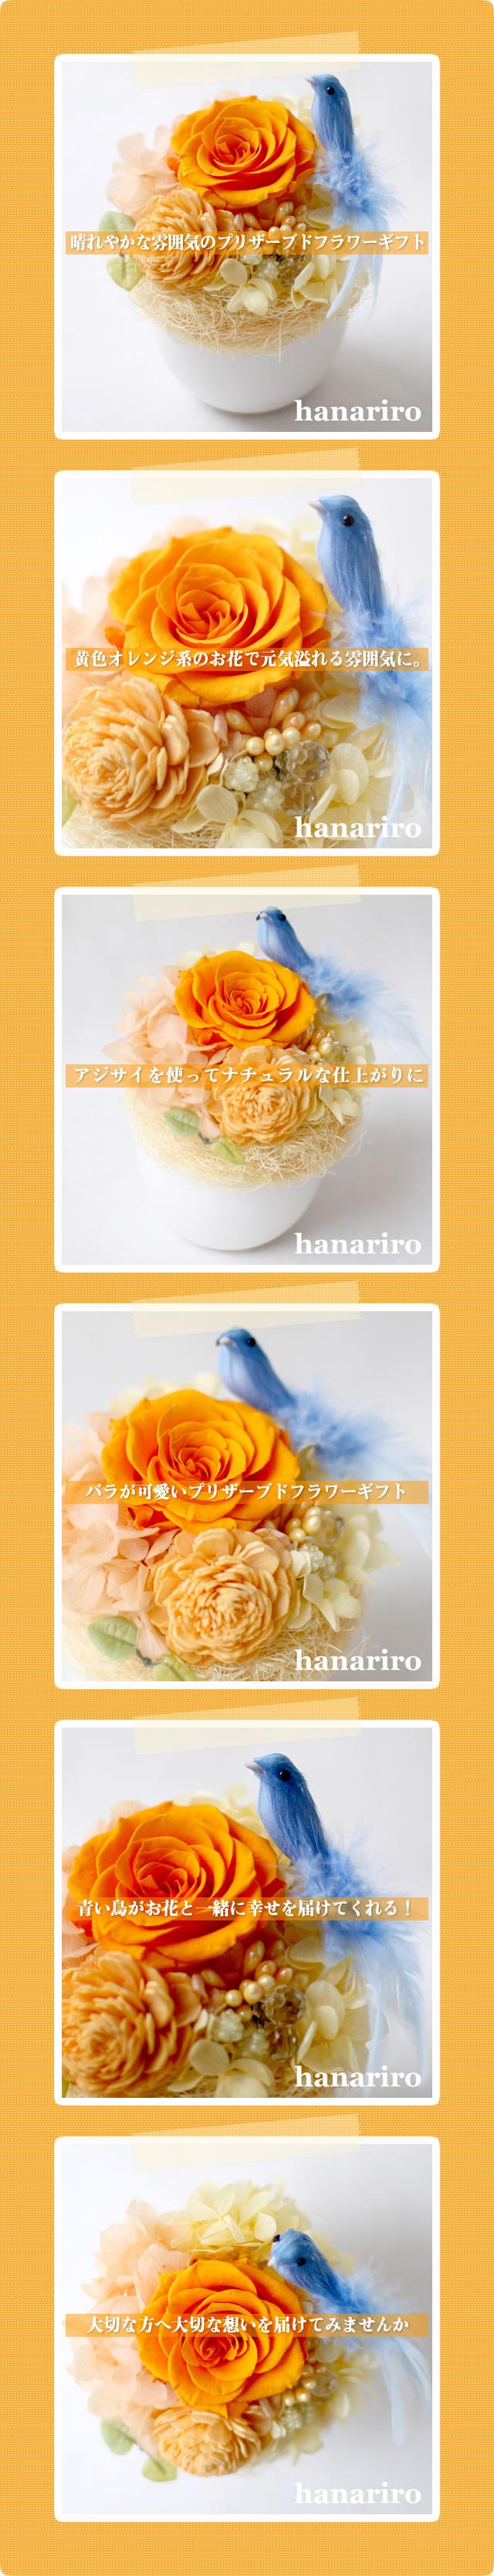 アレンジ「幸せの青い鳥(黄色オレンジミニ)」/プリザーブドフラワーギフト